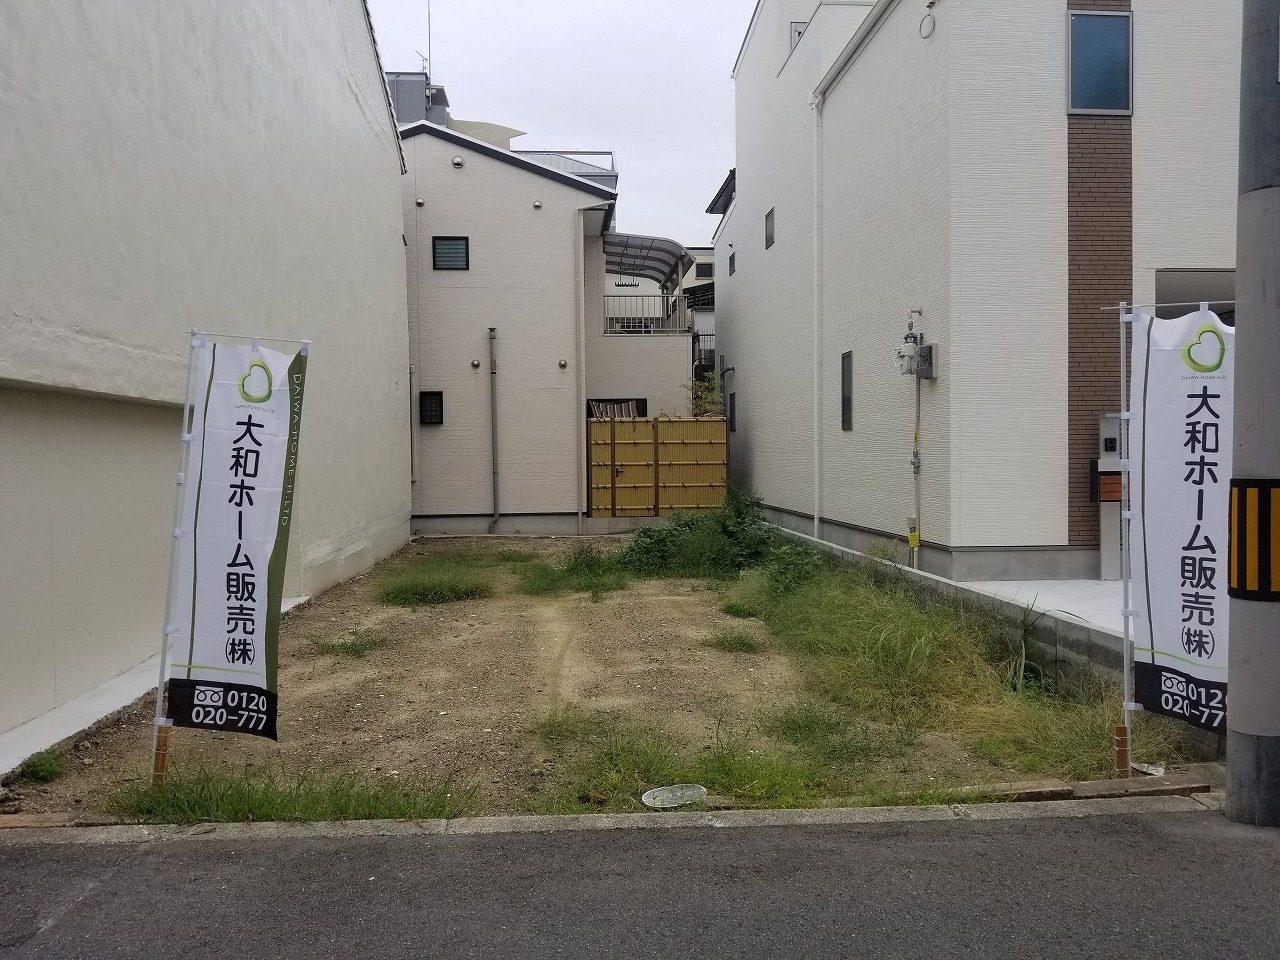 現地写真 阿倍野元町